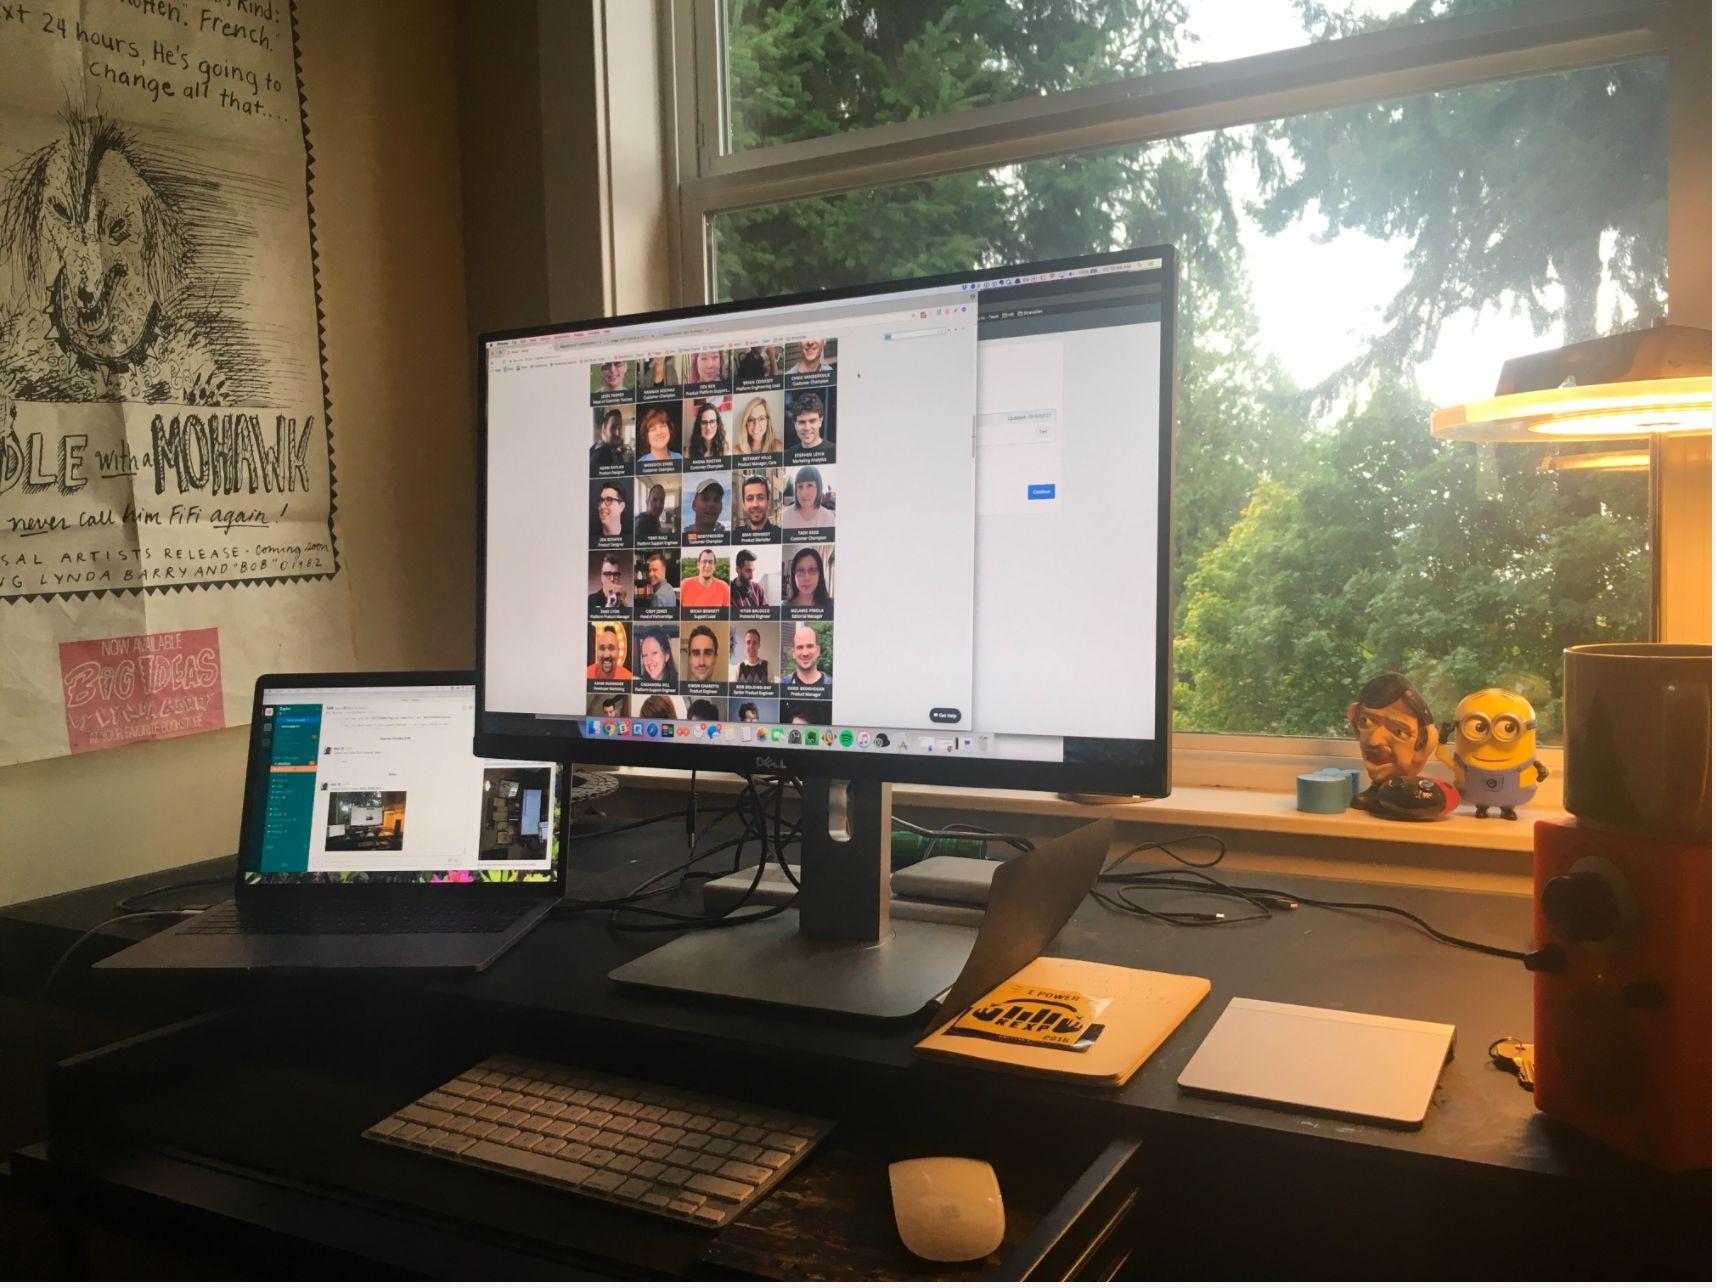 Kirk Godtfredsen's workspace